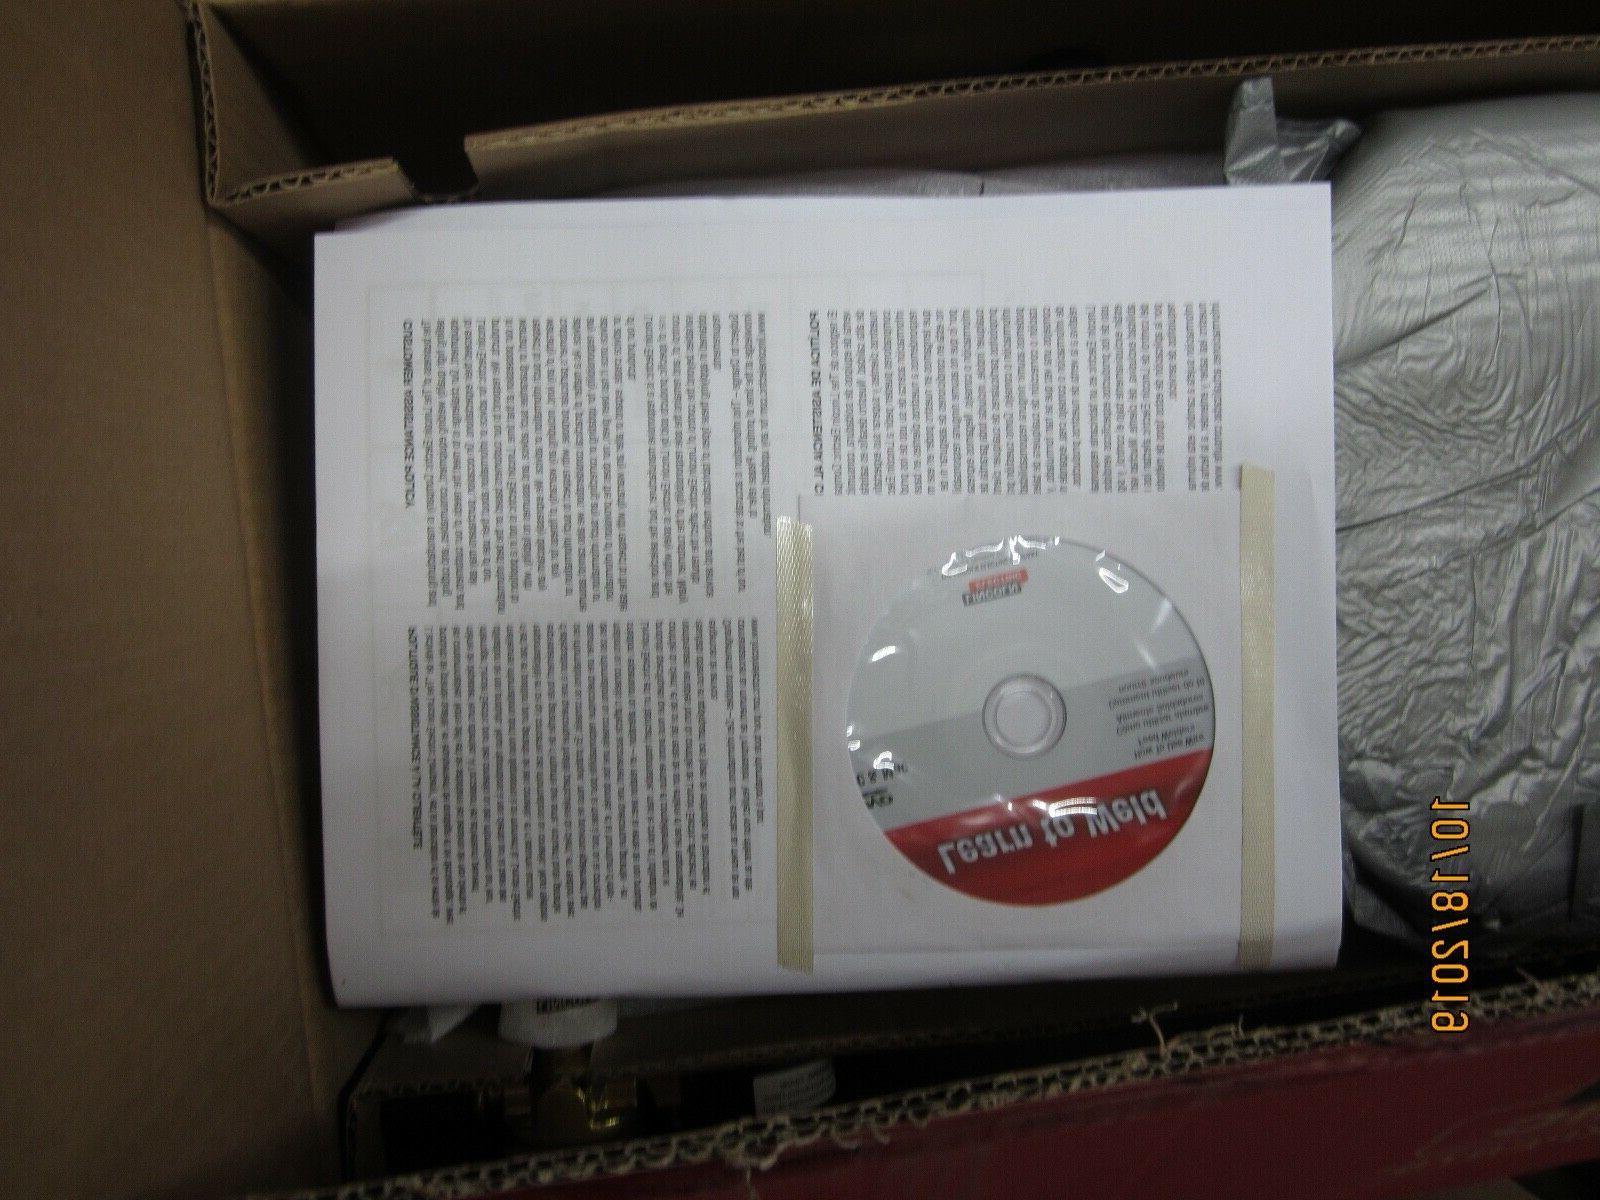 NEW 180 Welder 230-Volt Flux-Cored Wire K2481-1